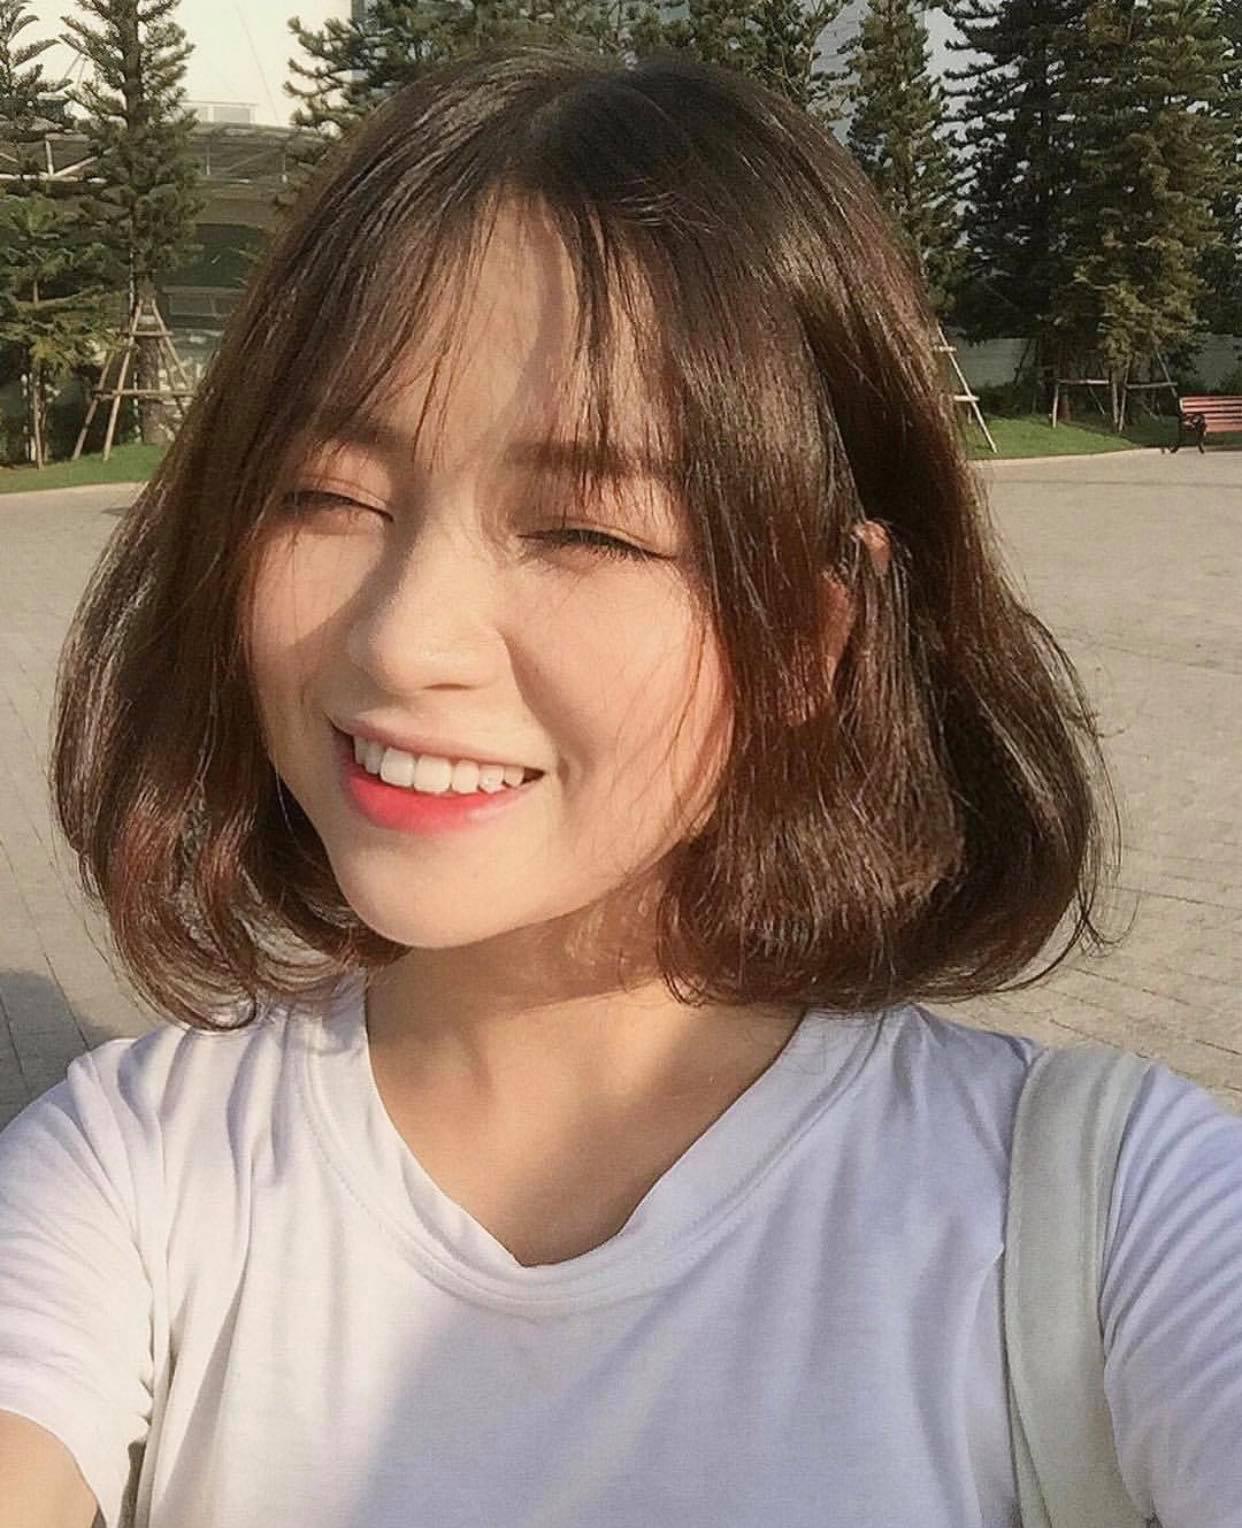 Nụ cười tỏa sáng, hot girl Việt làm điên loạn báo Trung Quốc - Ảnh 6